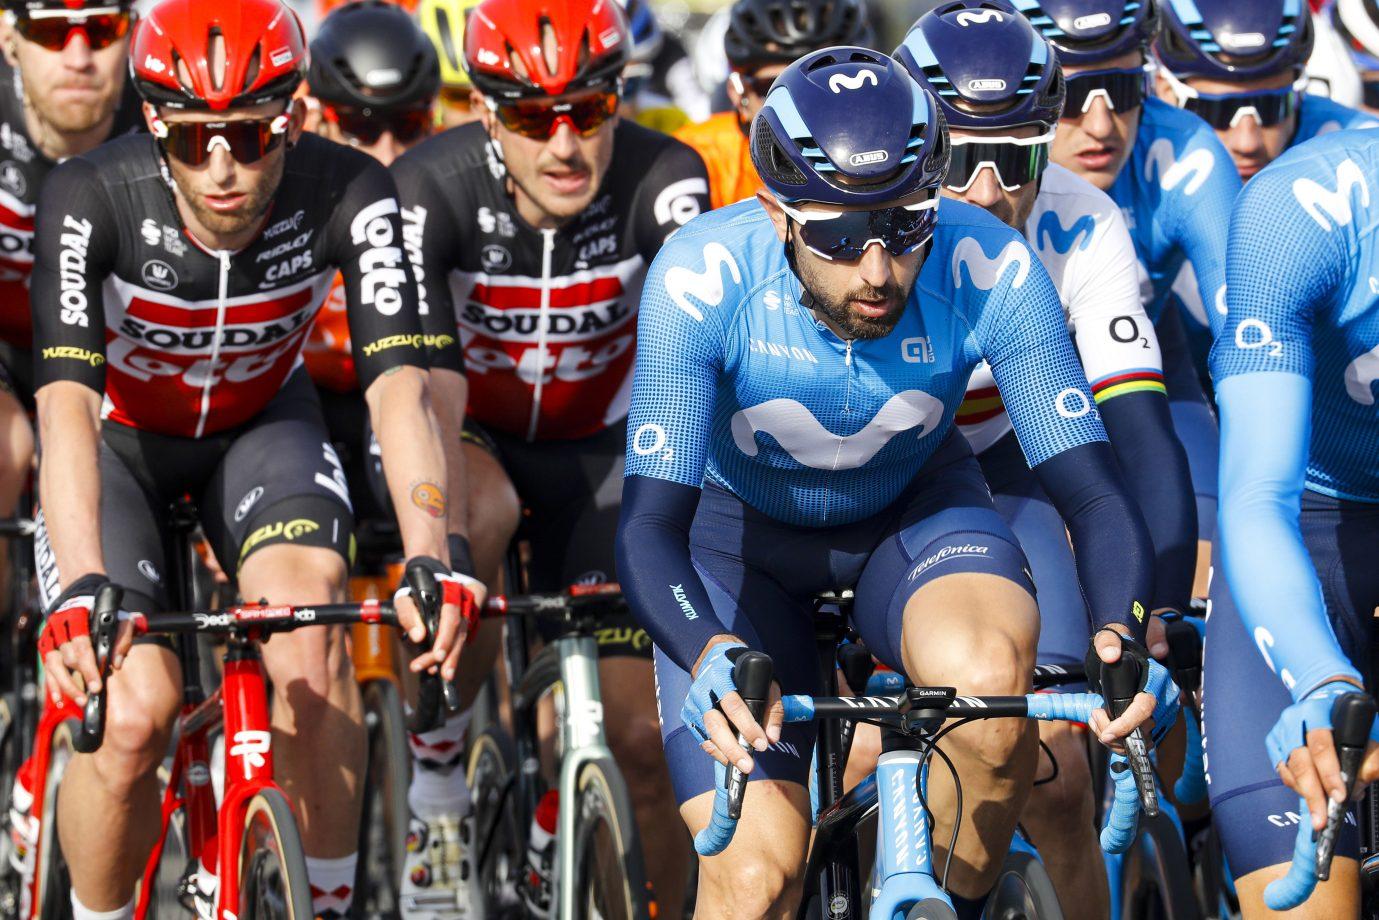 Imagen de la noticia Valverde inside GC top-ten in Vuelta CV after Queen stage